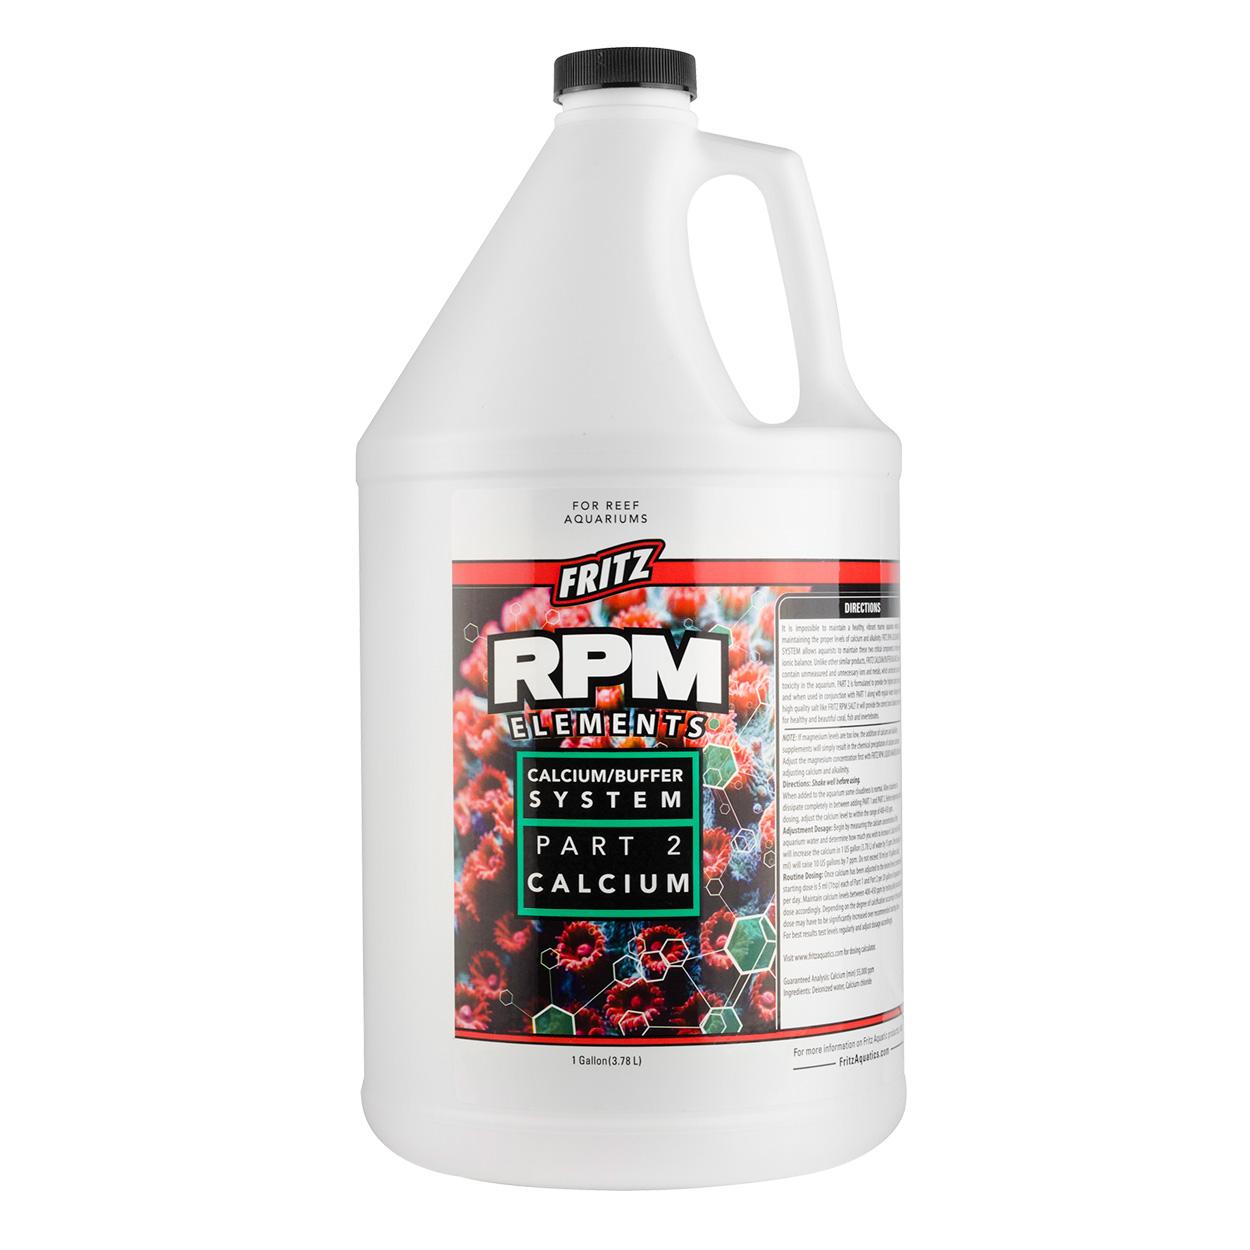 Fritz RPM Elements Calcium - 1 gal 20794